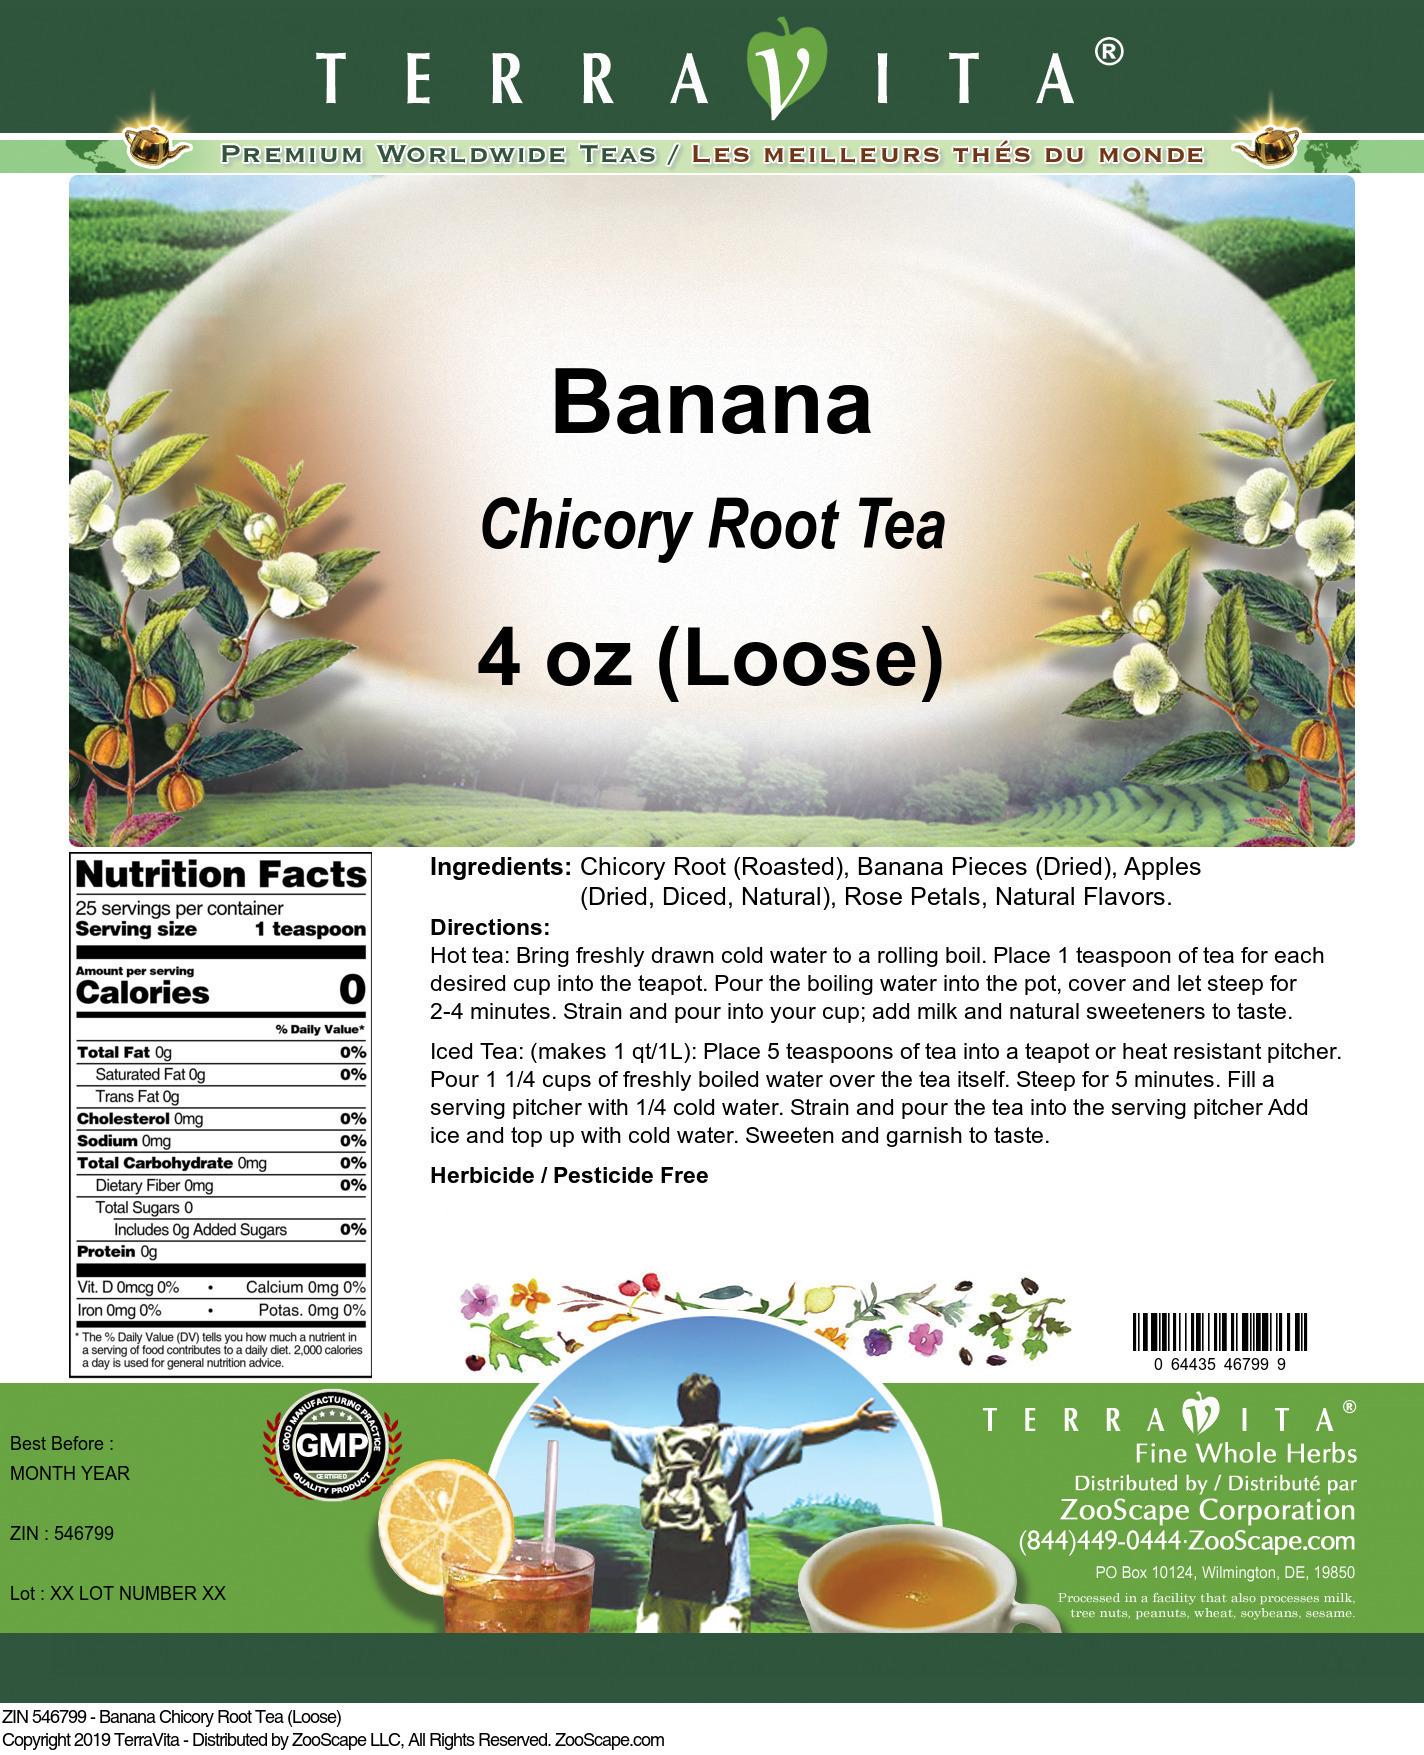 Banana Chicory Root